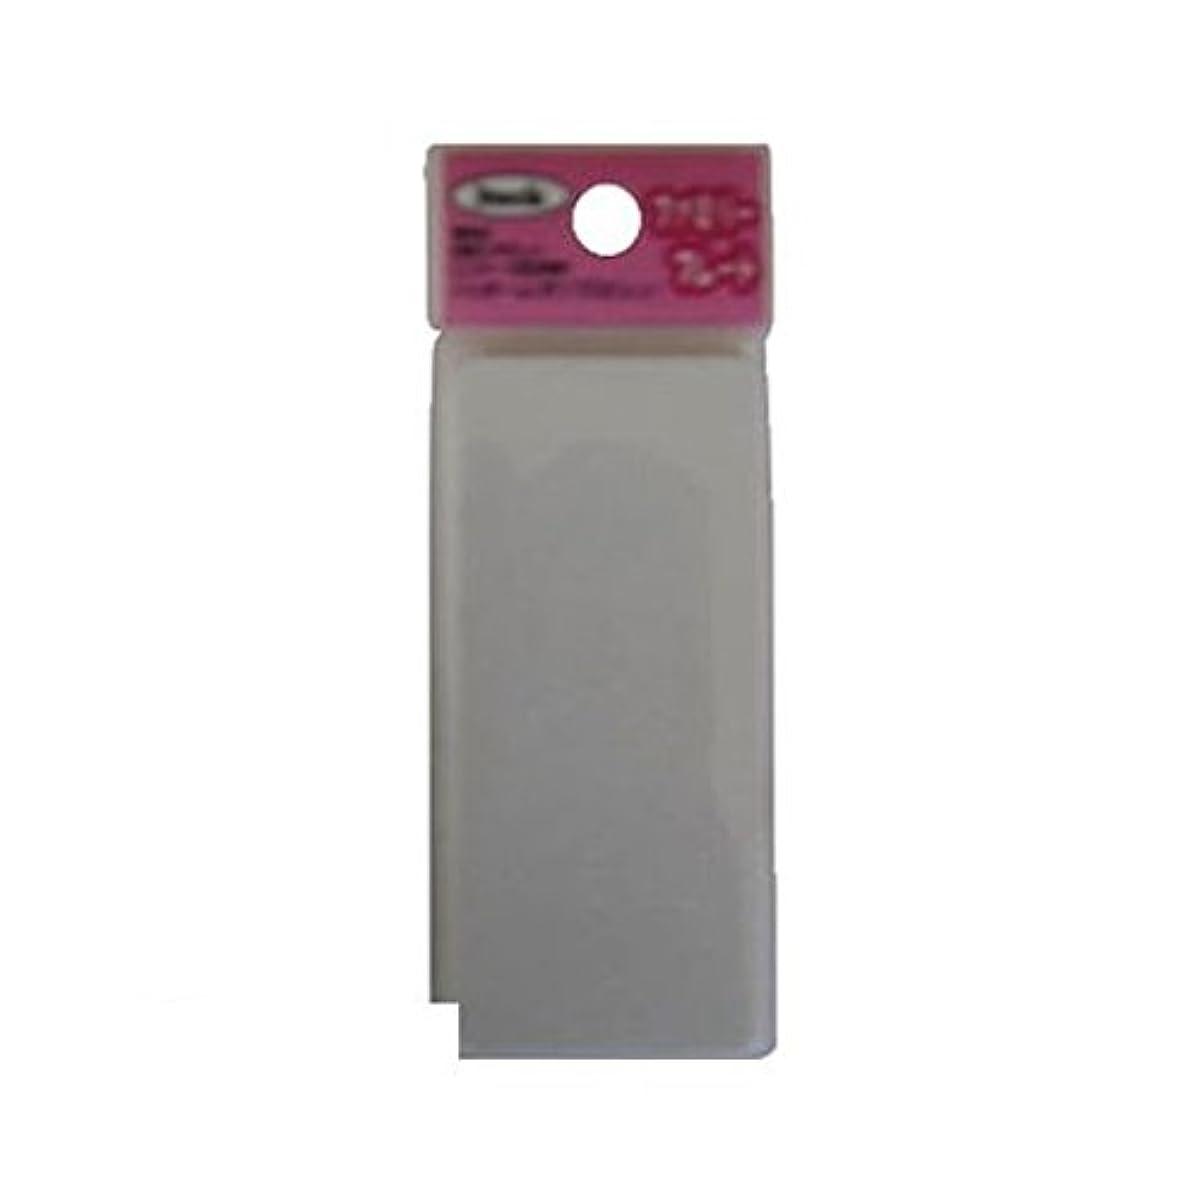 ワークショップ和吸収剤JM02795 無地板テープ付き 【5入】